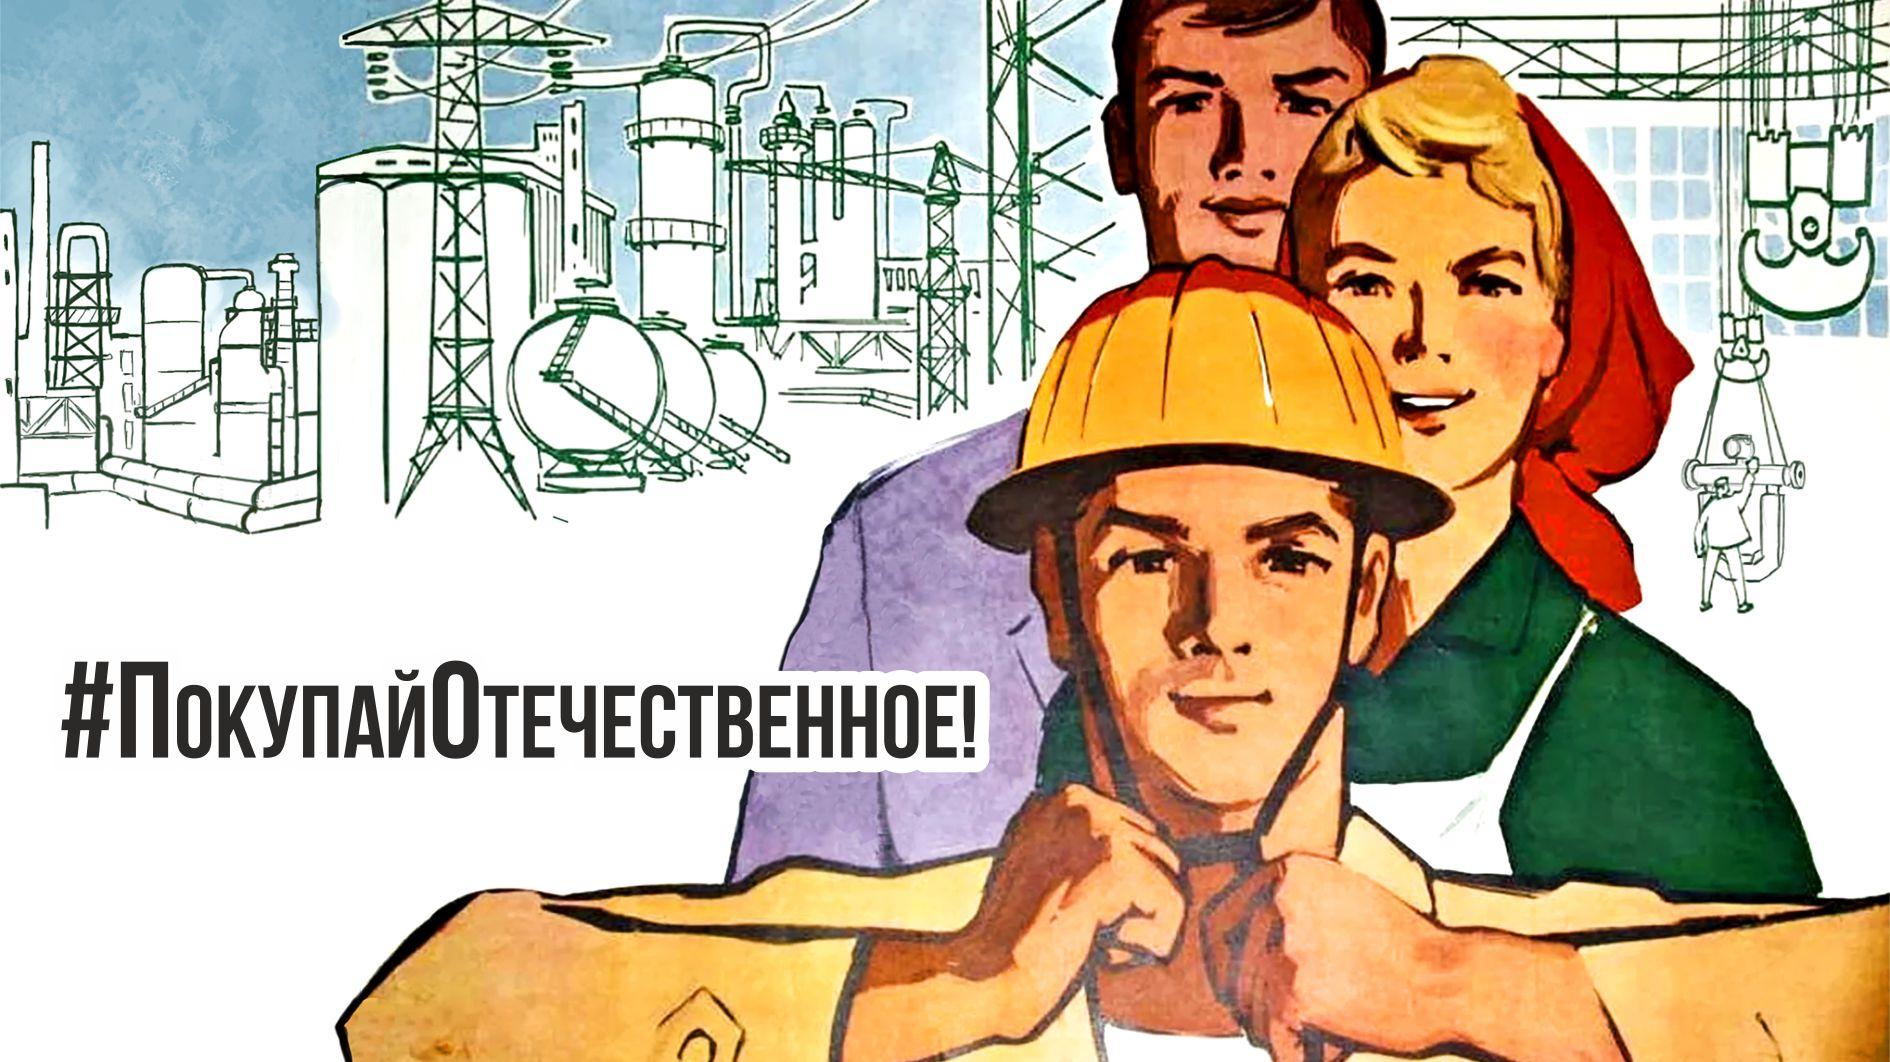 Покупай отечественное! В Челябинске запустили движение в поддержку российских производителей